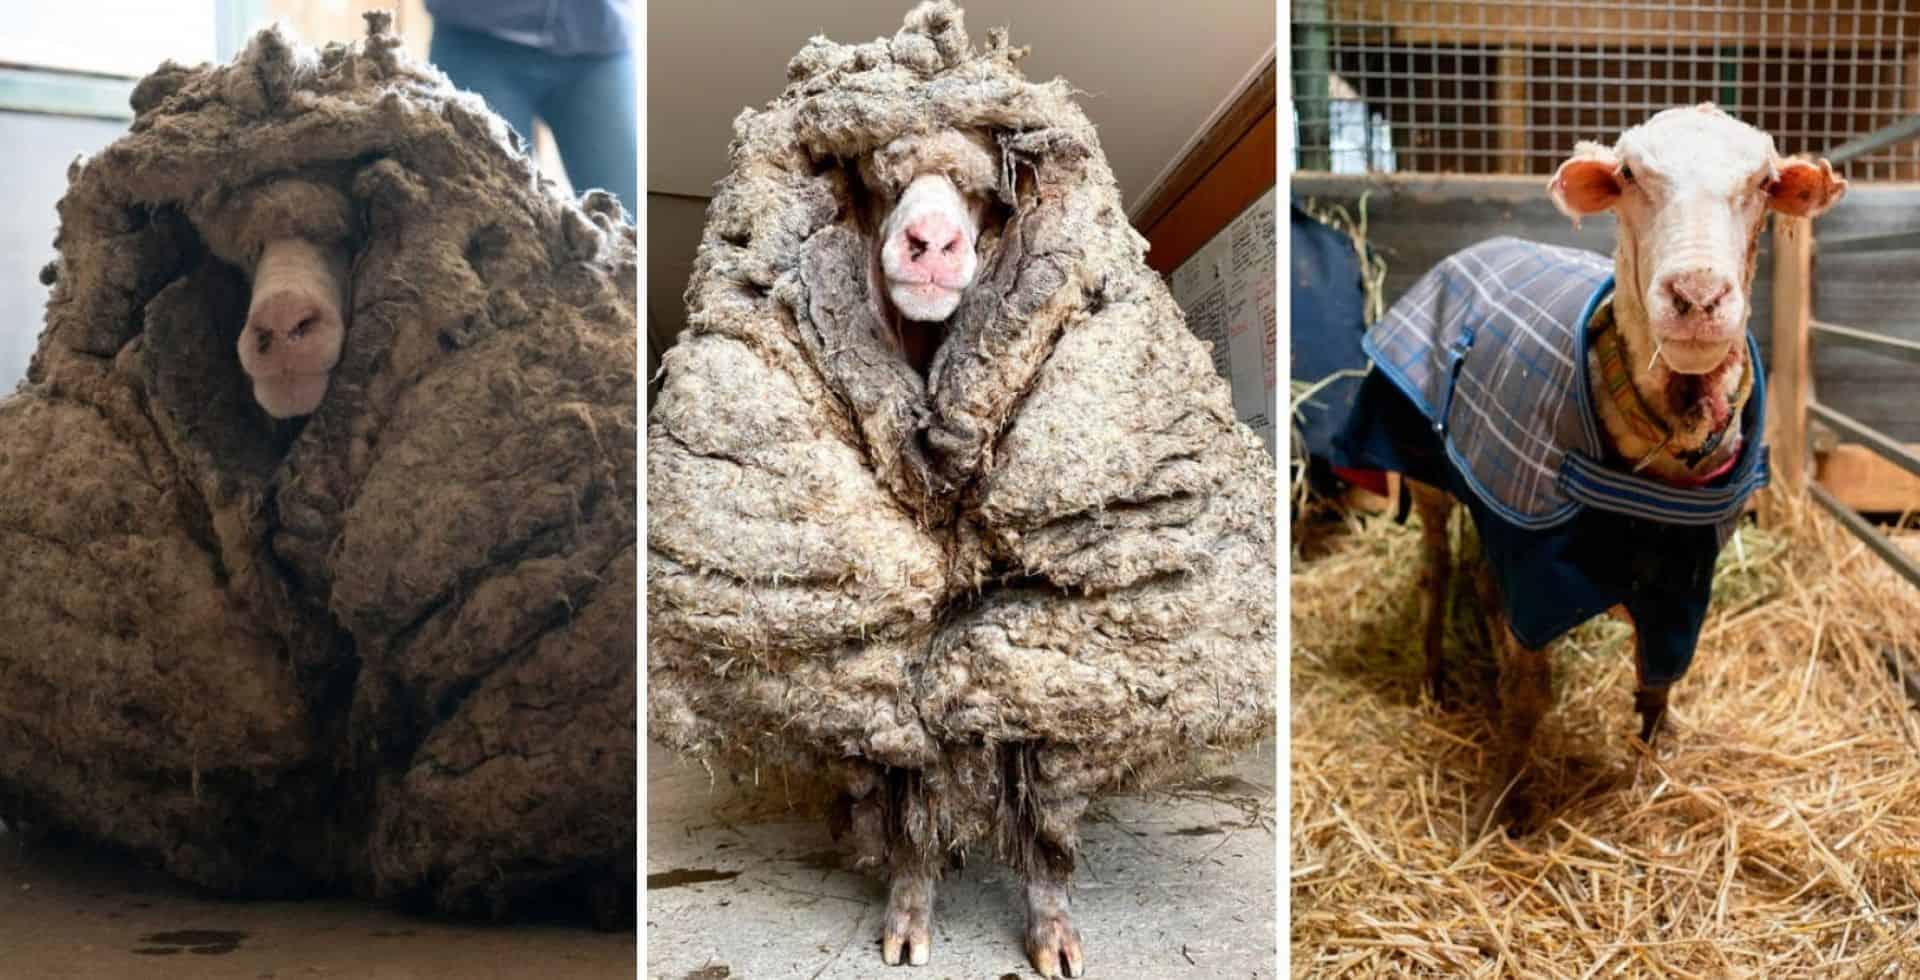 En Australia lograron rescatar una oveja con 35 kilogramos de lana extra